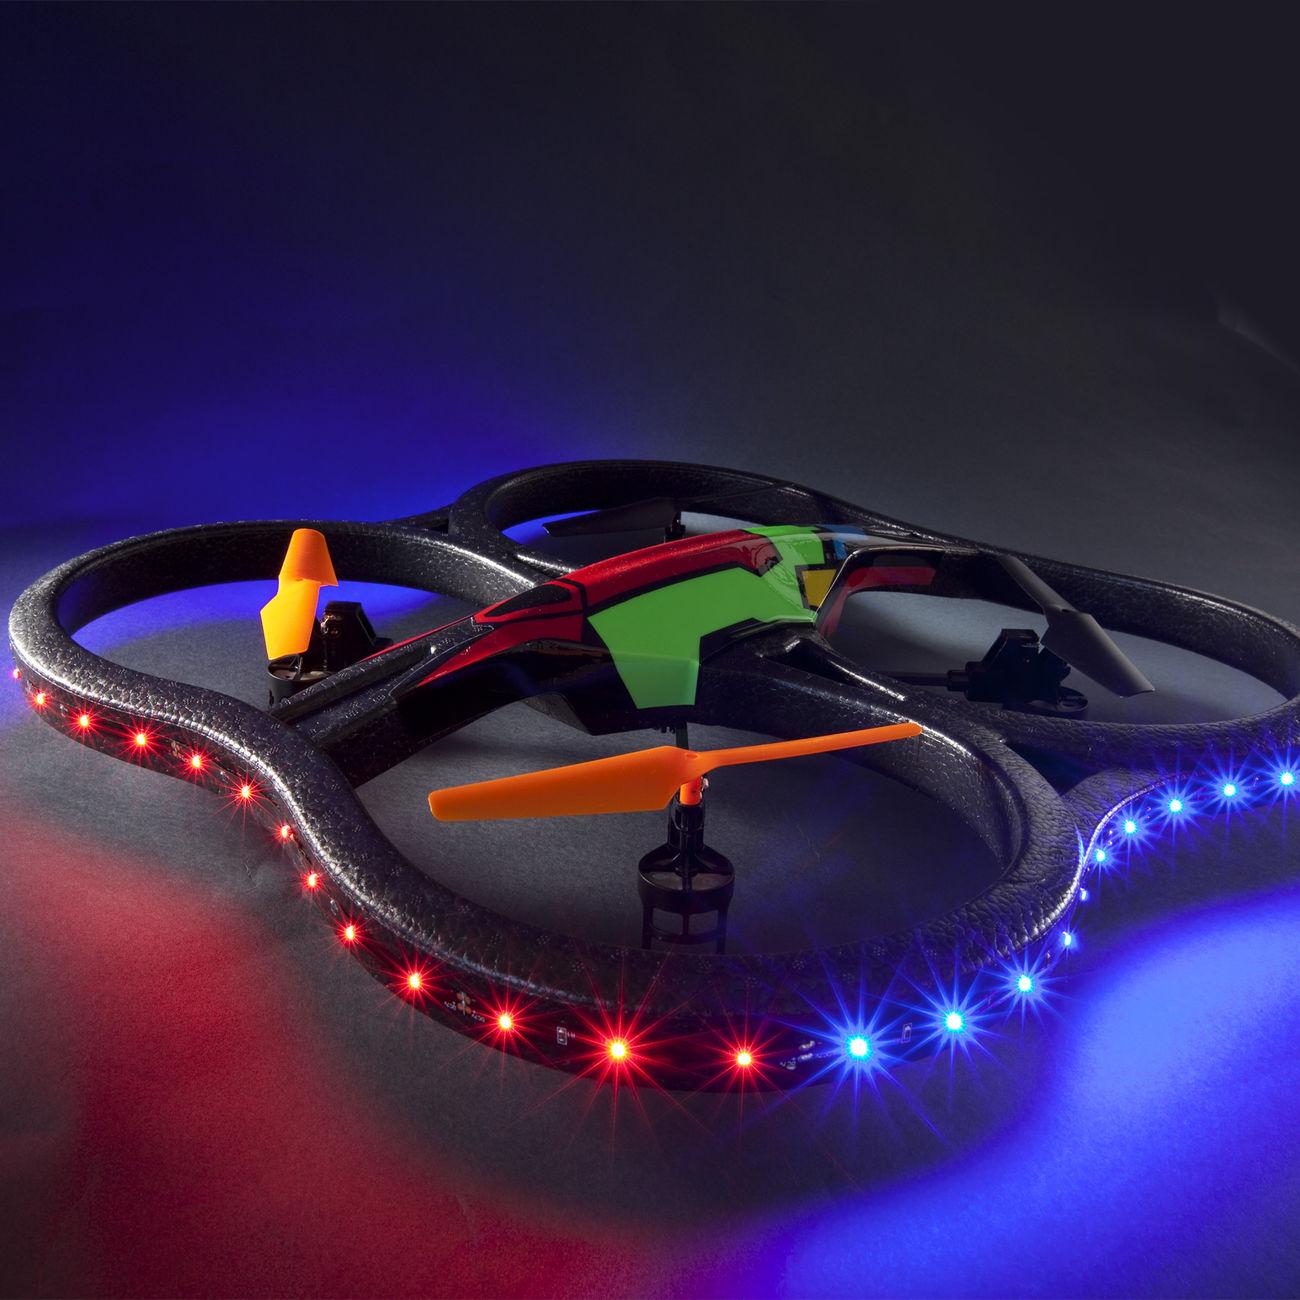 rayline x30l intruder xxl quadrocopter 4 kanal 2 4 ghz rtf set led edition kotte zeller. Black Bedroom Furniture Sets. Home Design Ideas